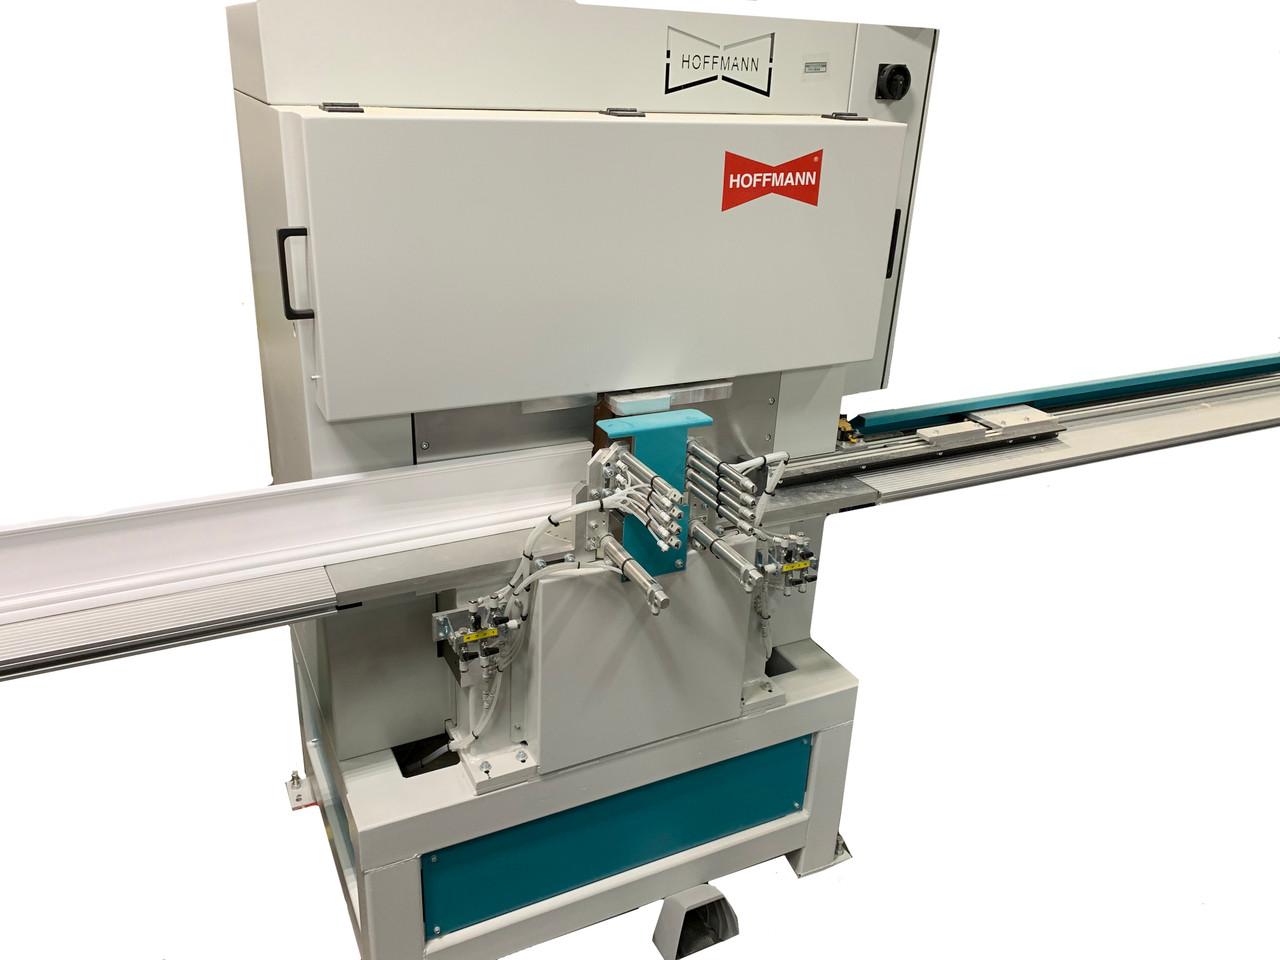 Hoffmann ACS-1 Automated Cornice Saw